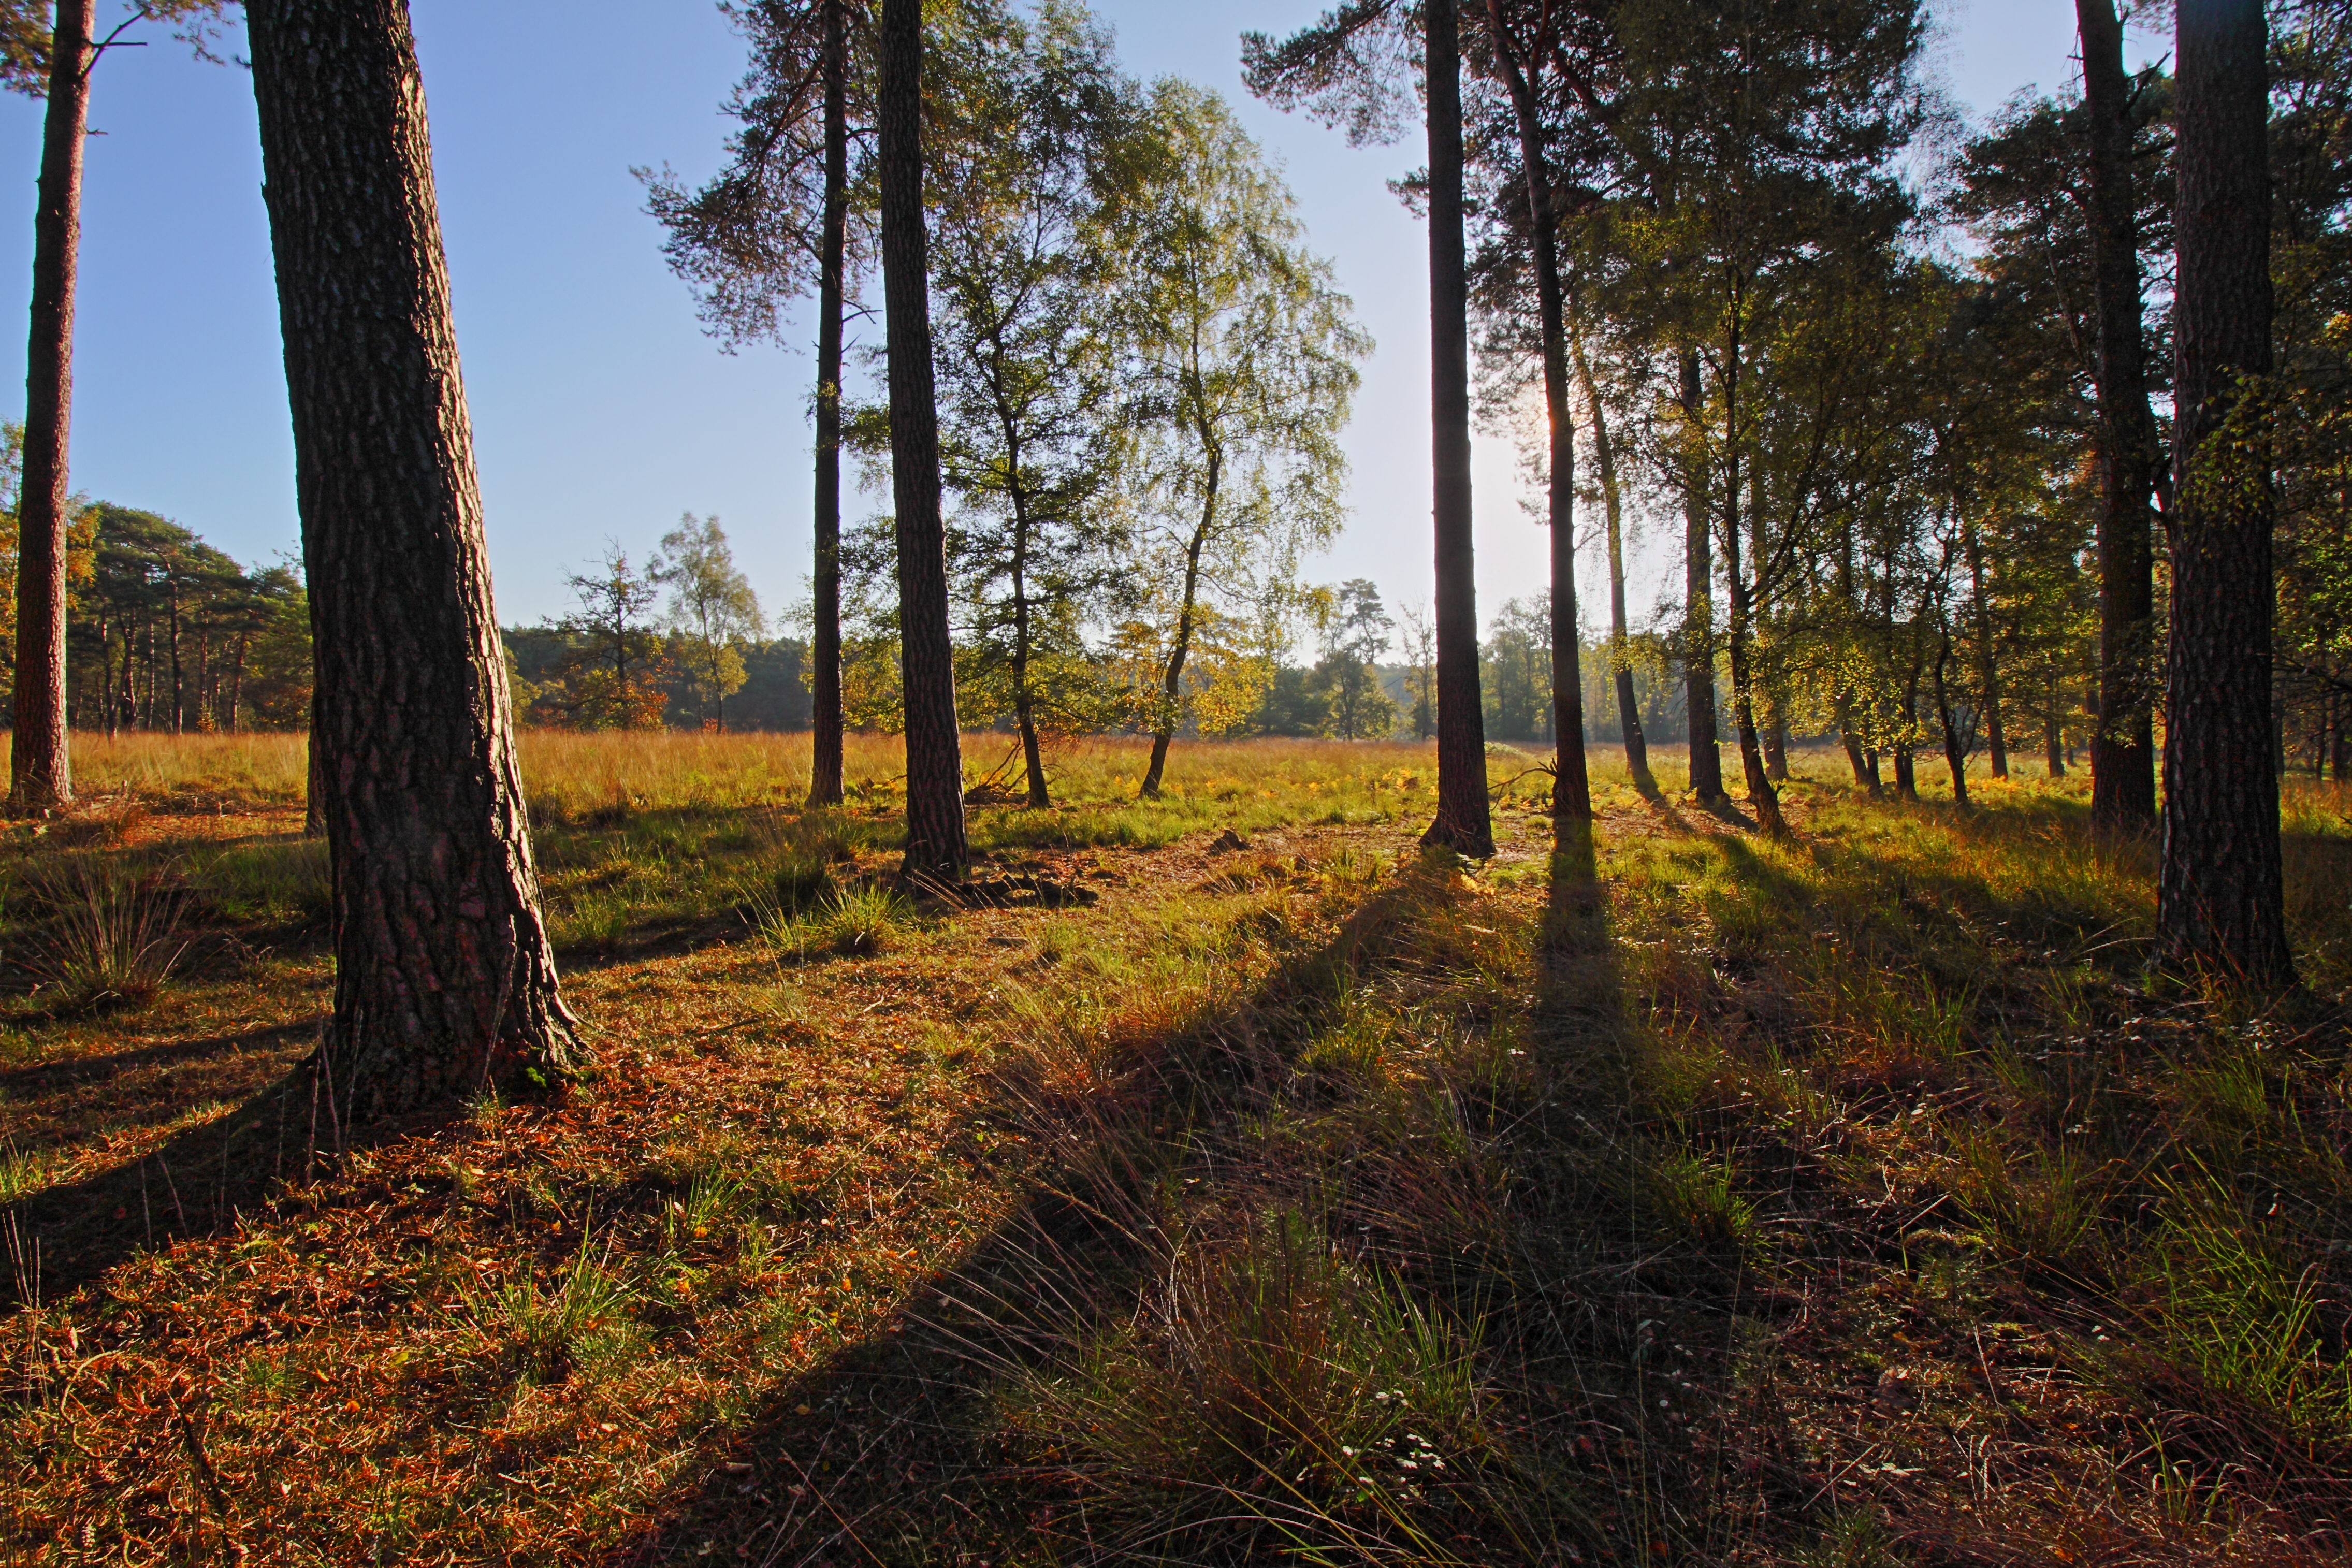 Die Sonne scheint am frühen Morgen zwischen den Bäumen hindurch